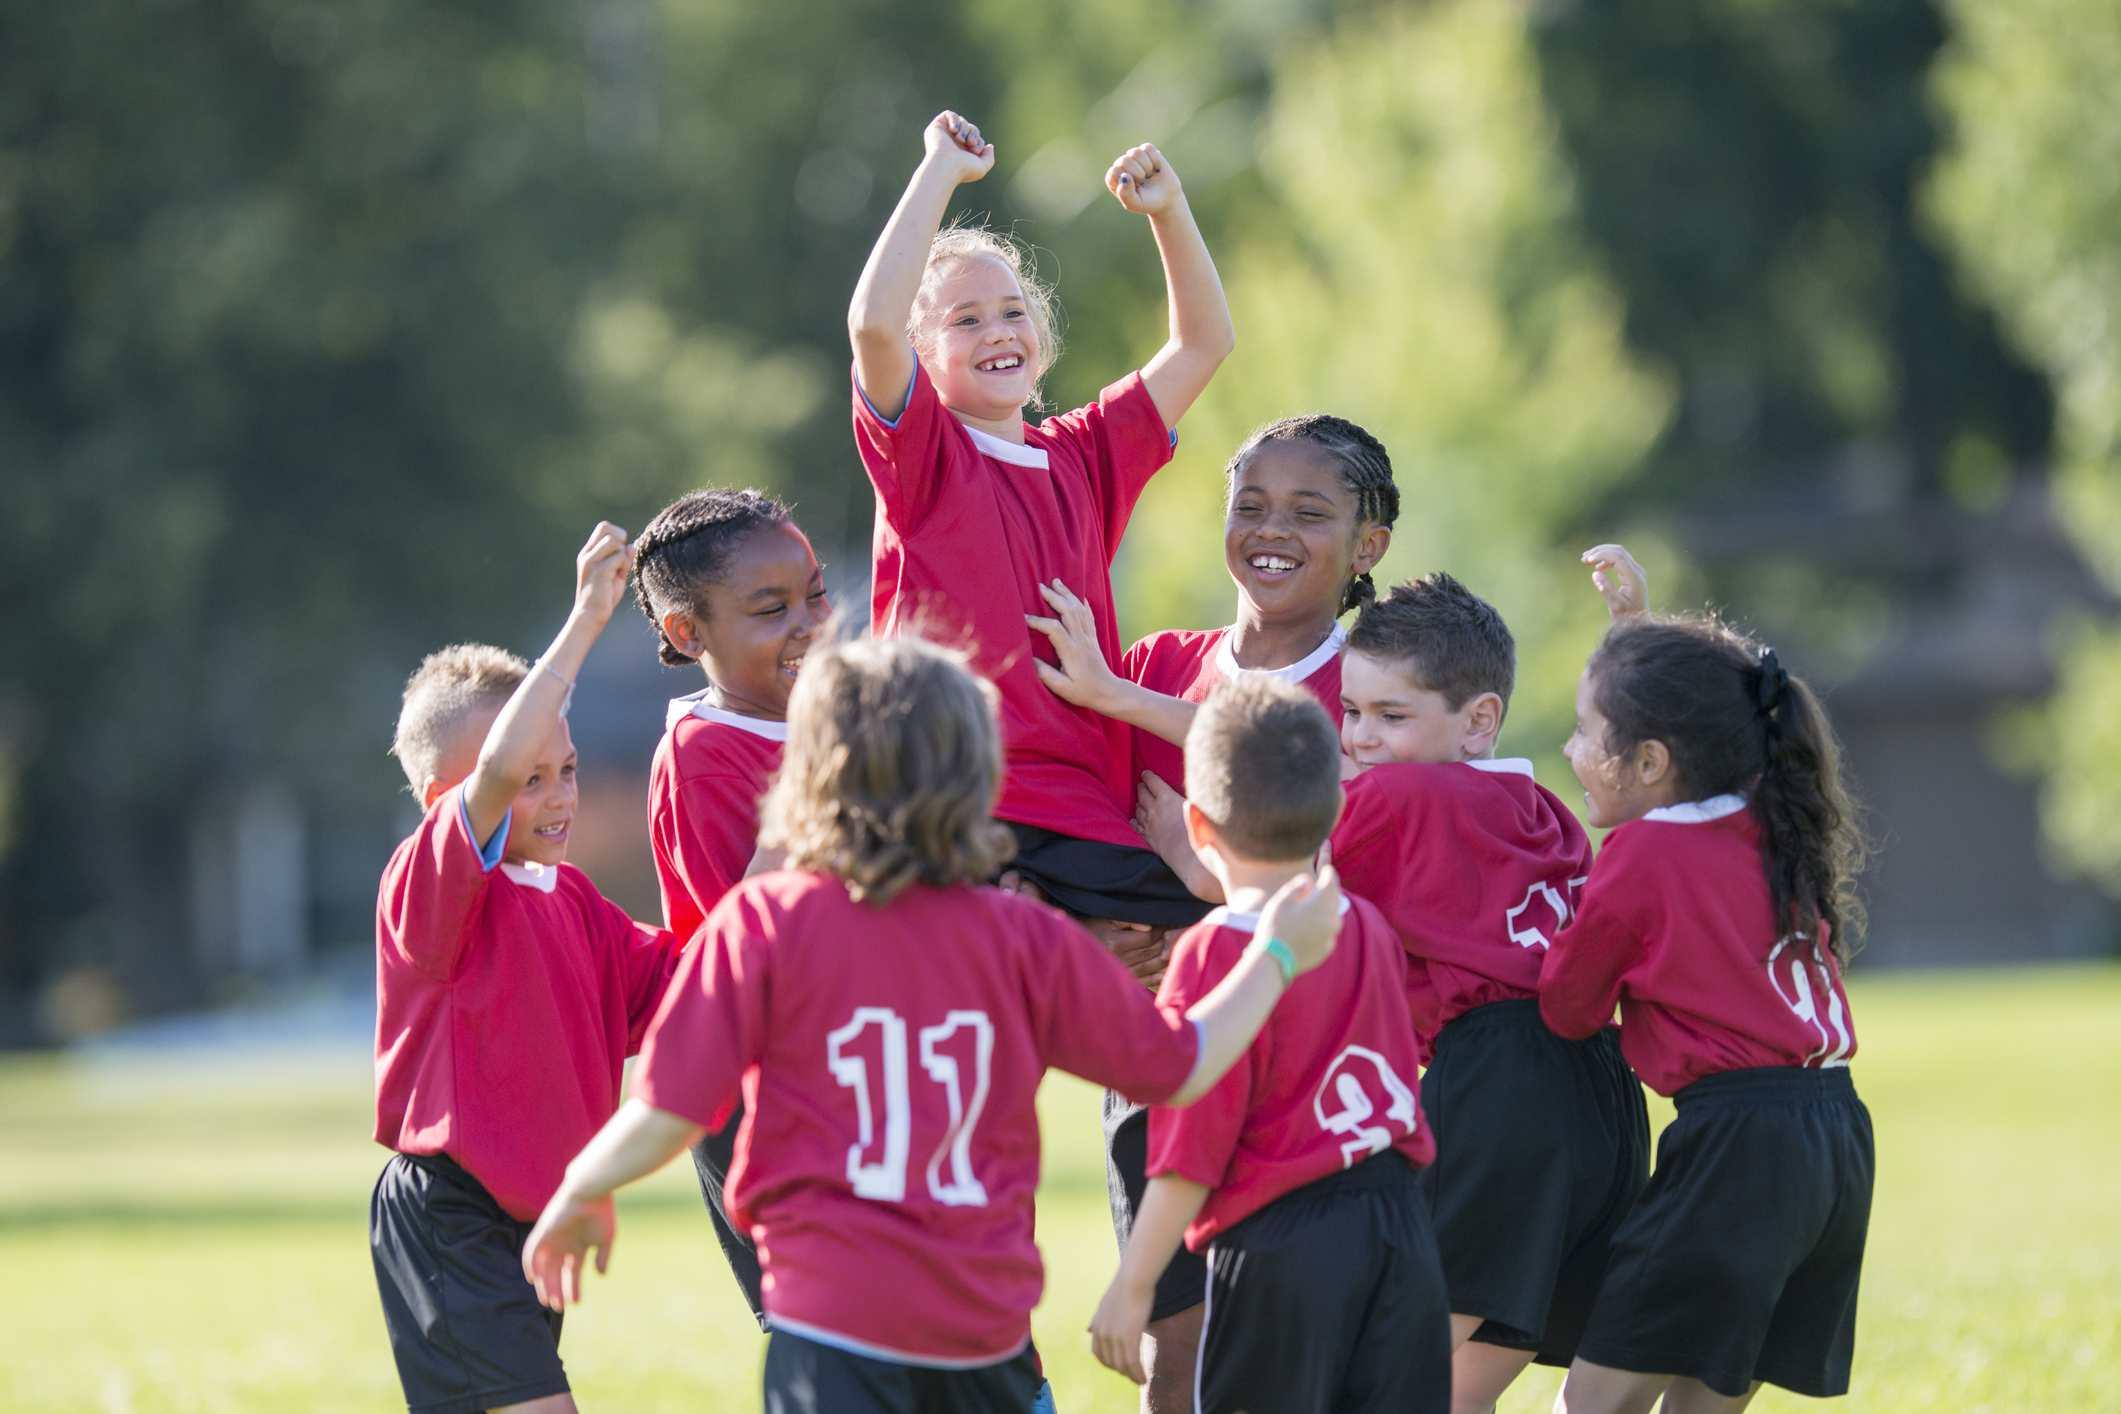 Crianças jogando futebol.